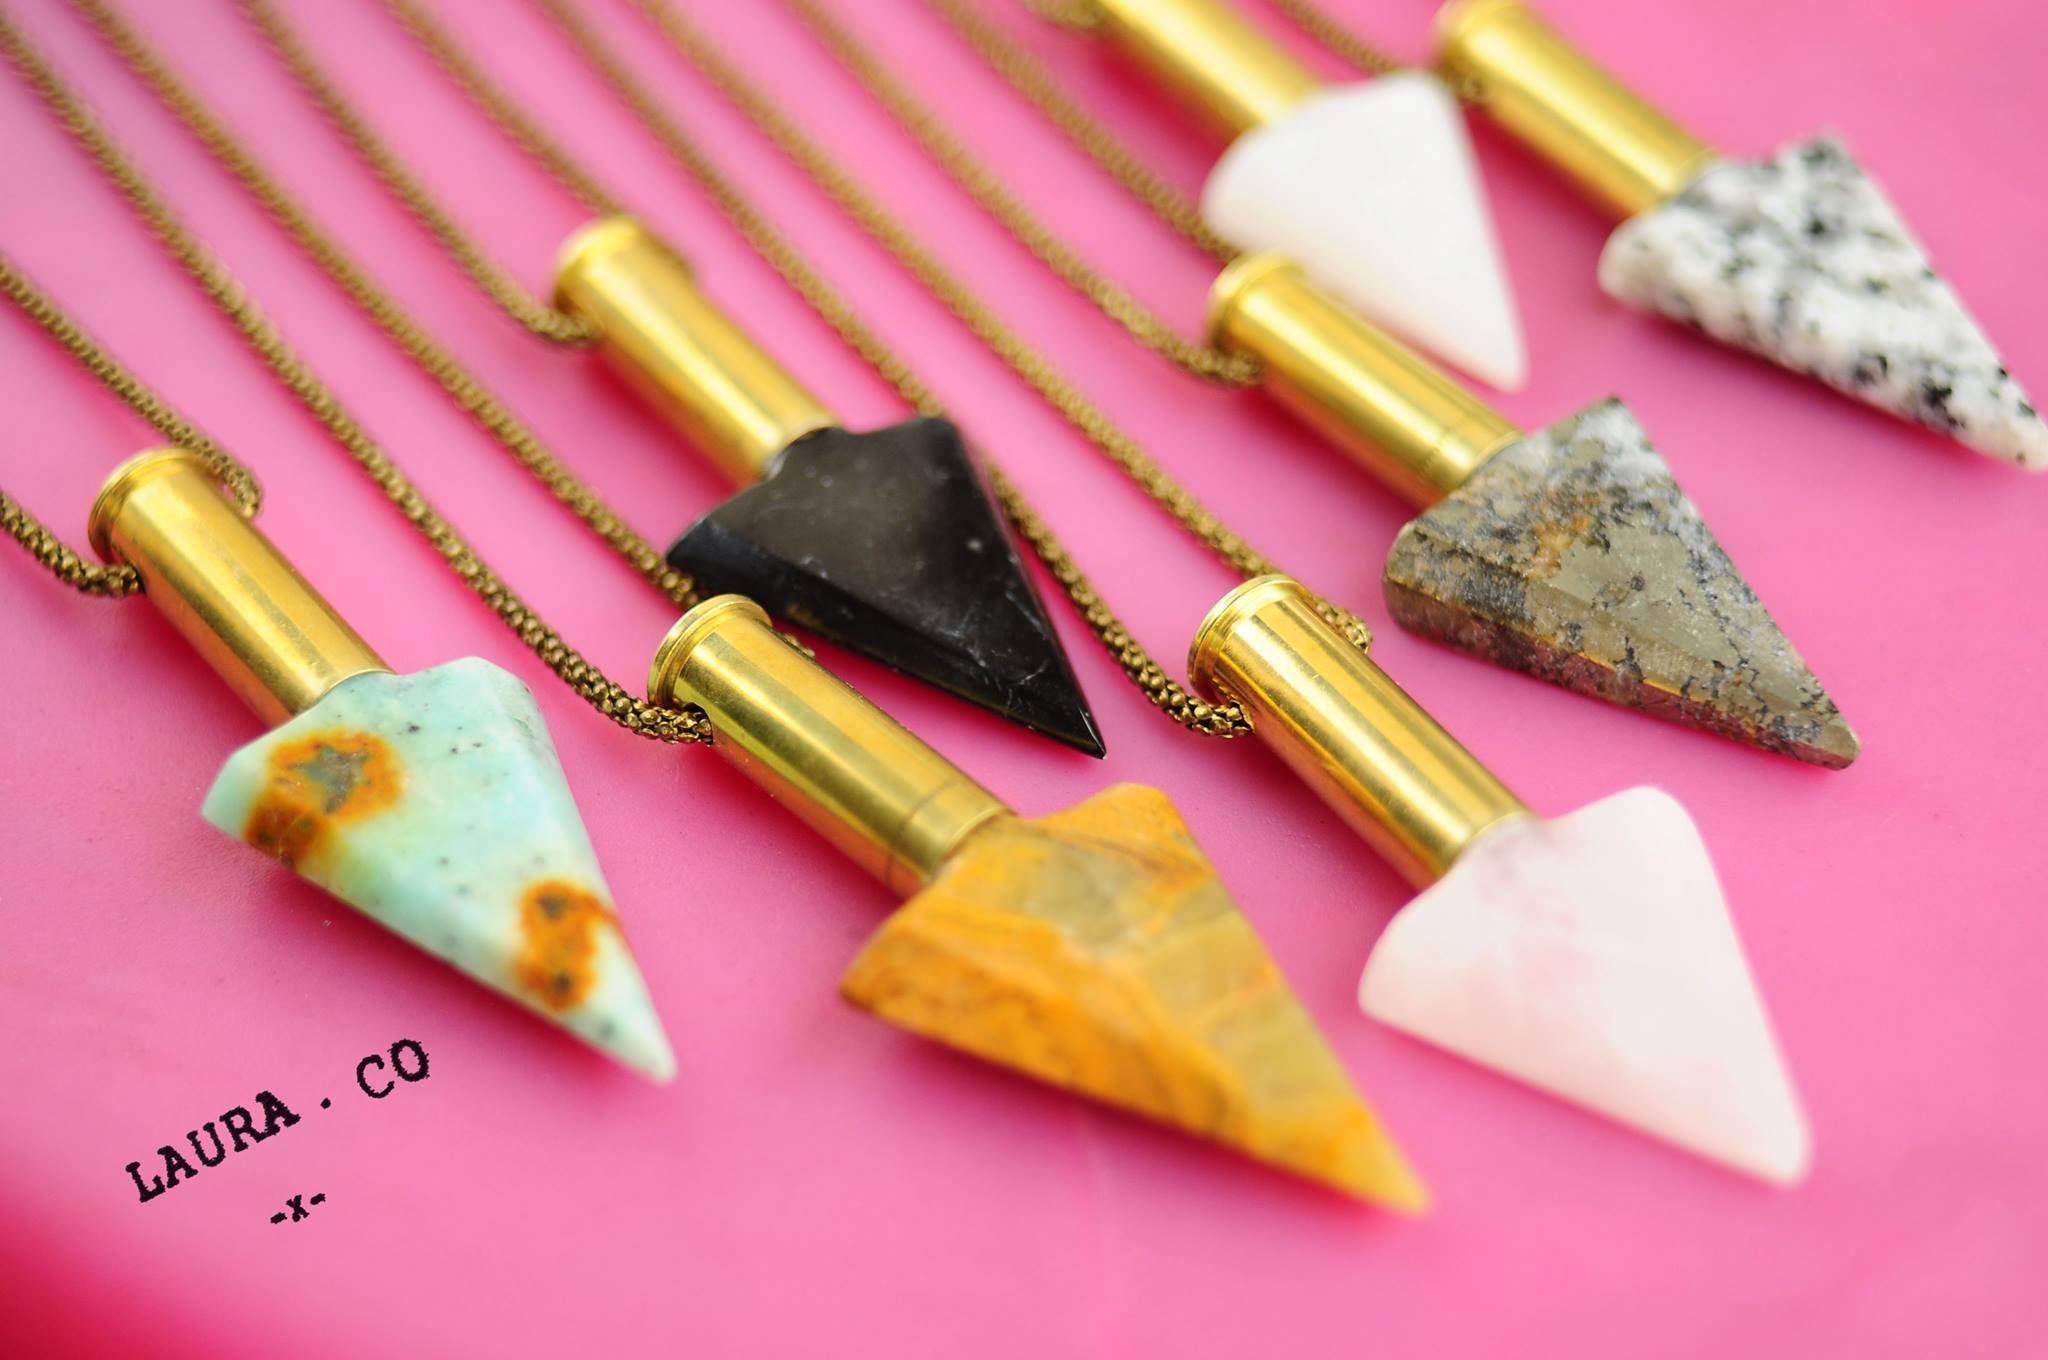 Laura.Co, la marca emergente de accesorios y amuletos de Laura Cortés